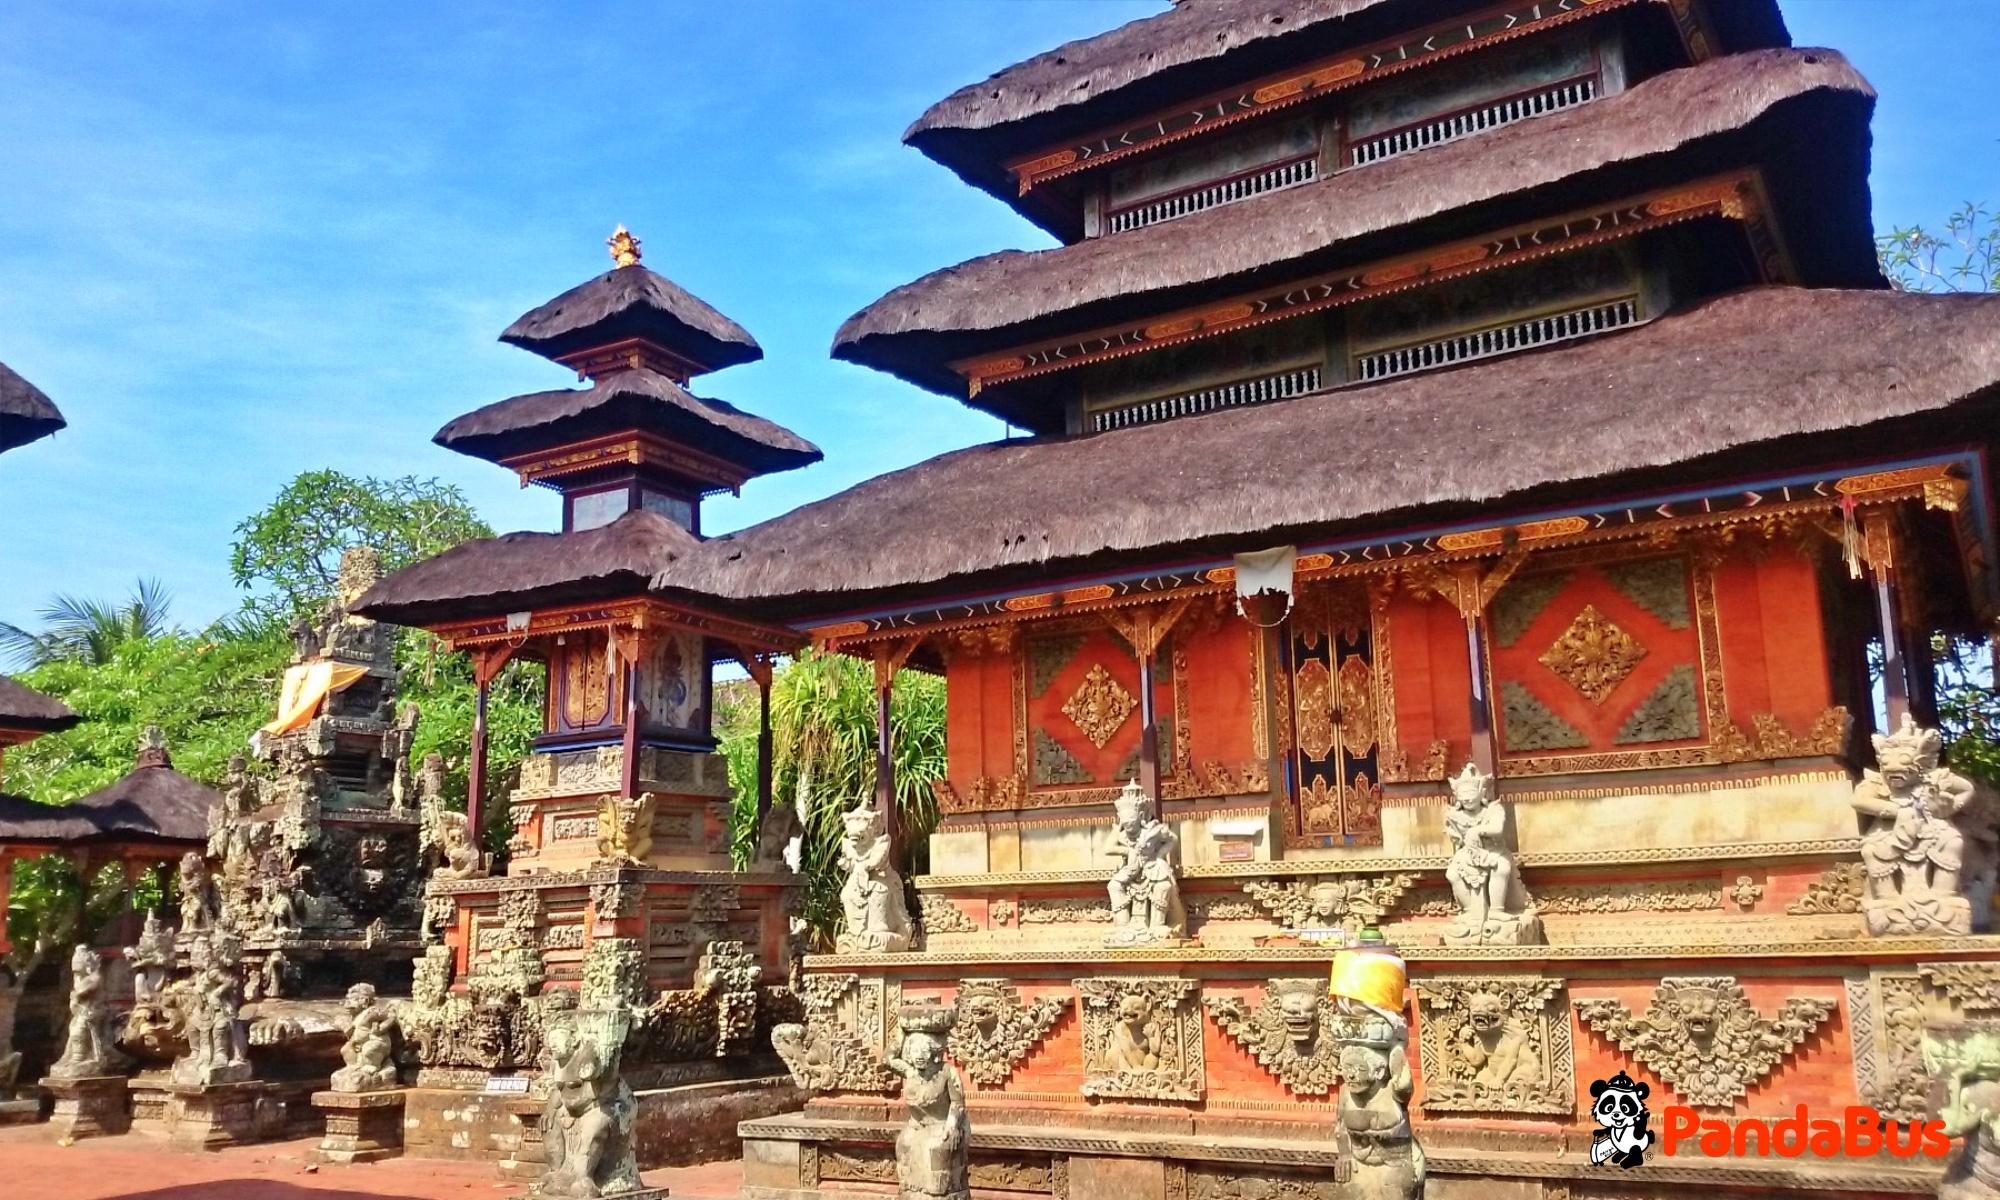 バトゥアン寺院、世界遺産ゴアガジャ遺跡、ティルタエンプル寺院観光